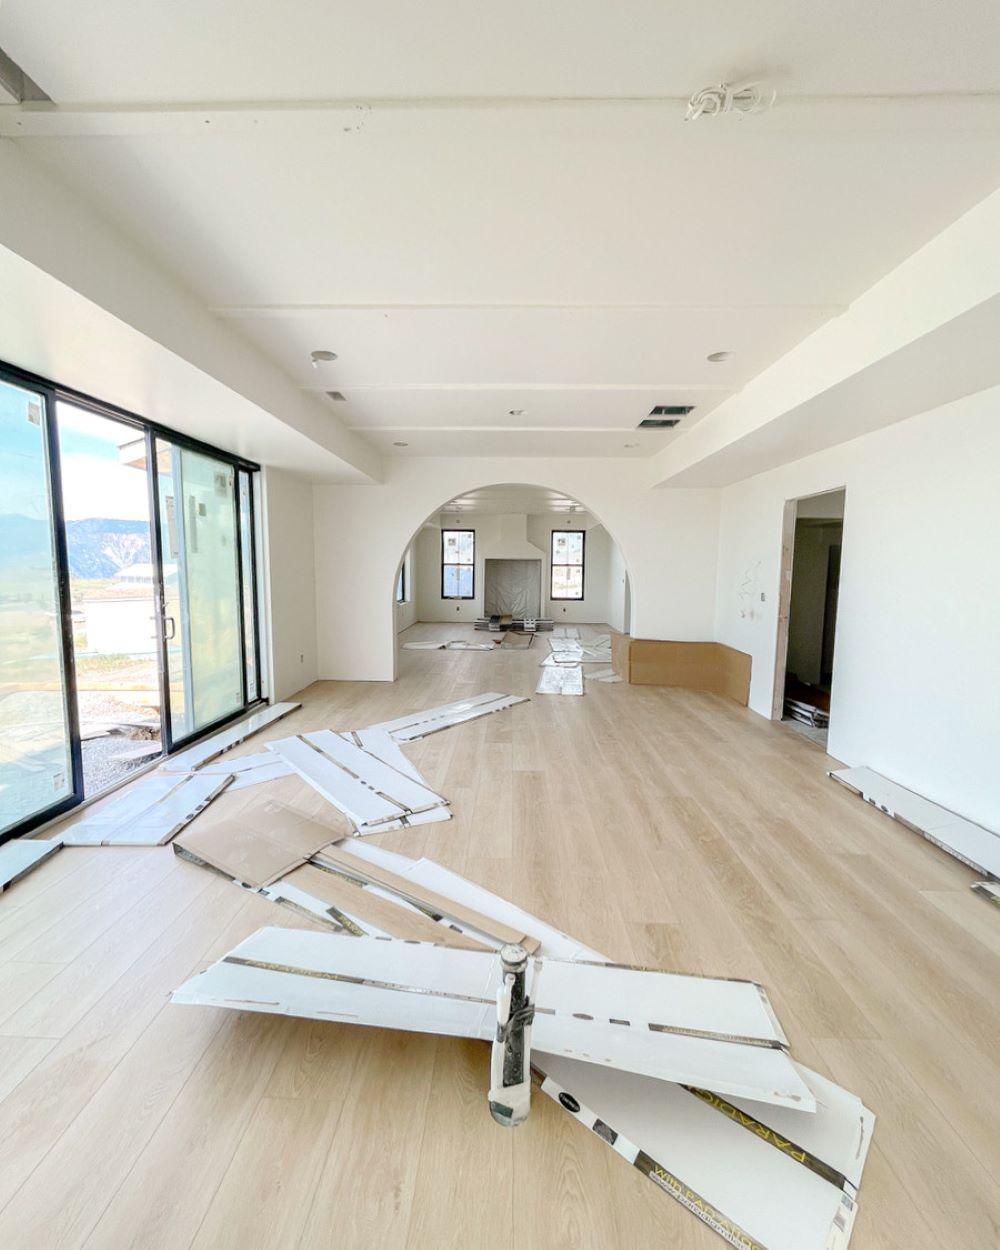 Paradigm Conquest Floors in Estate